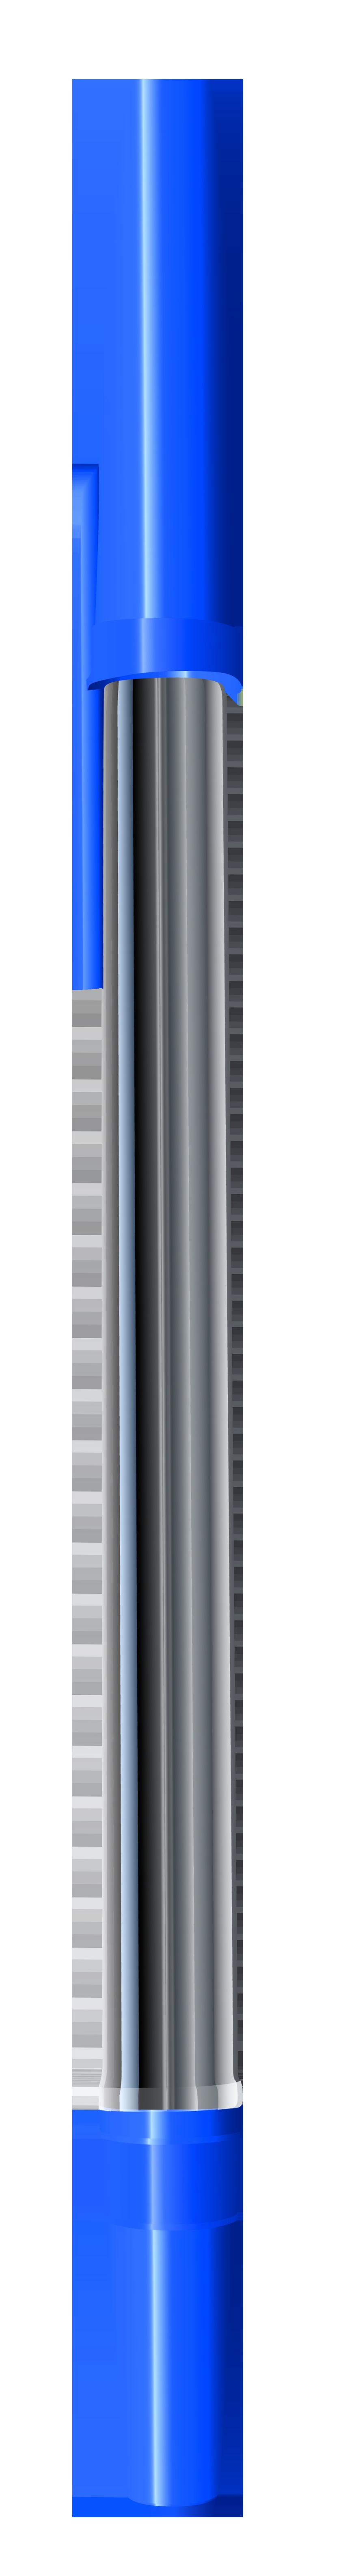 Pen clipart blue pen Image Gallery Pen Clipart size